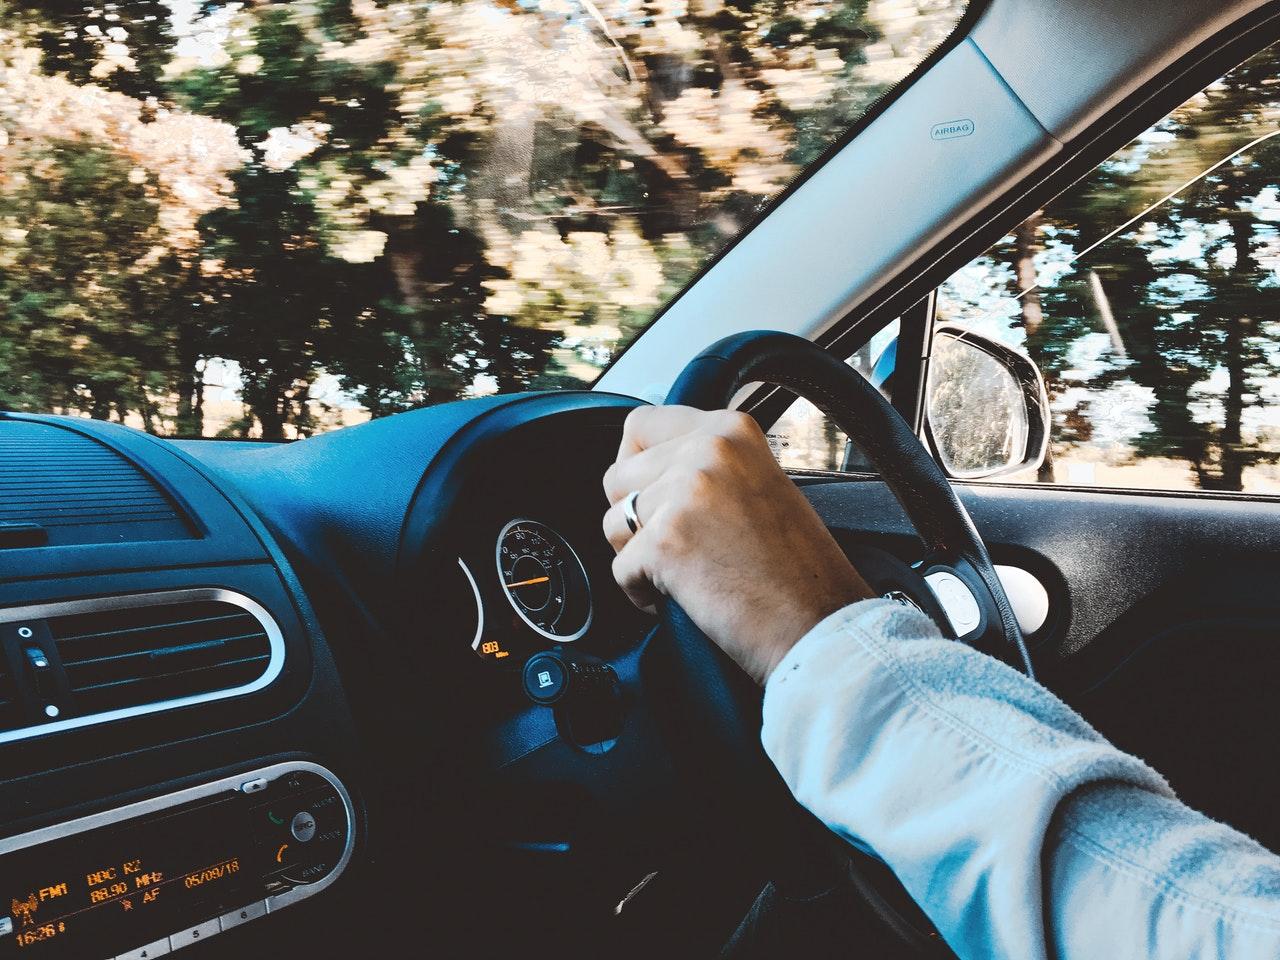 La conducción guiada y seguros de autos